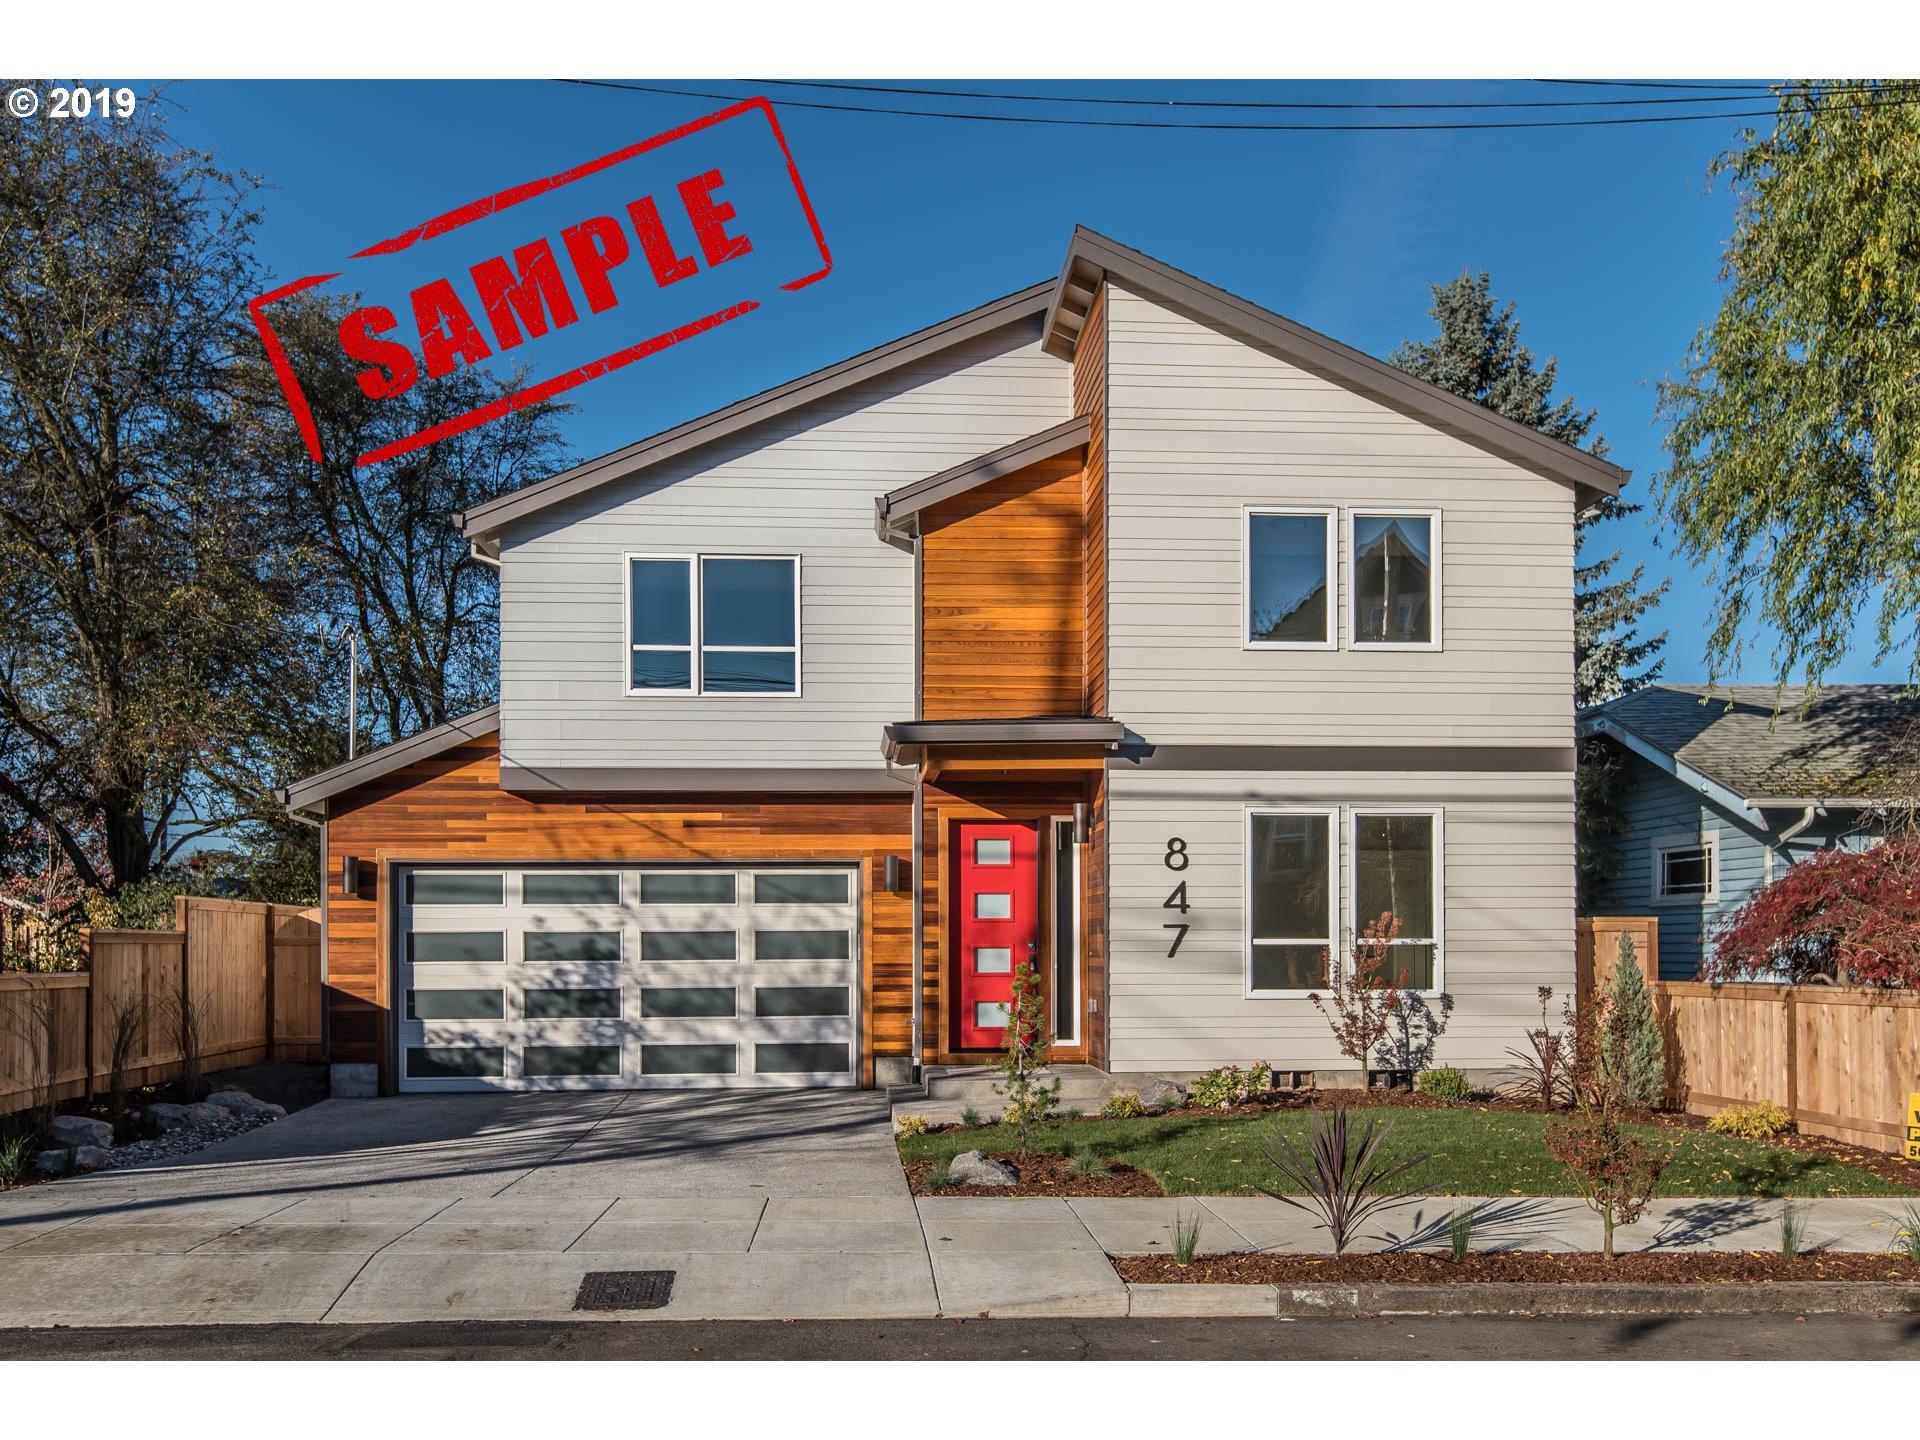 5325 SE BYBEE BLVD, Portland OR 97206